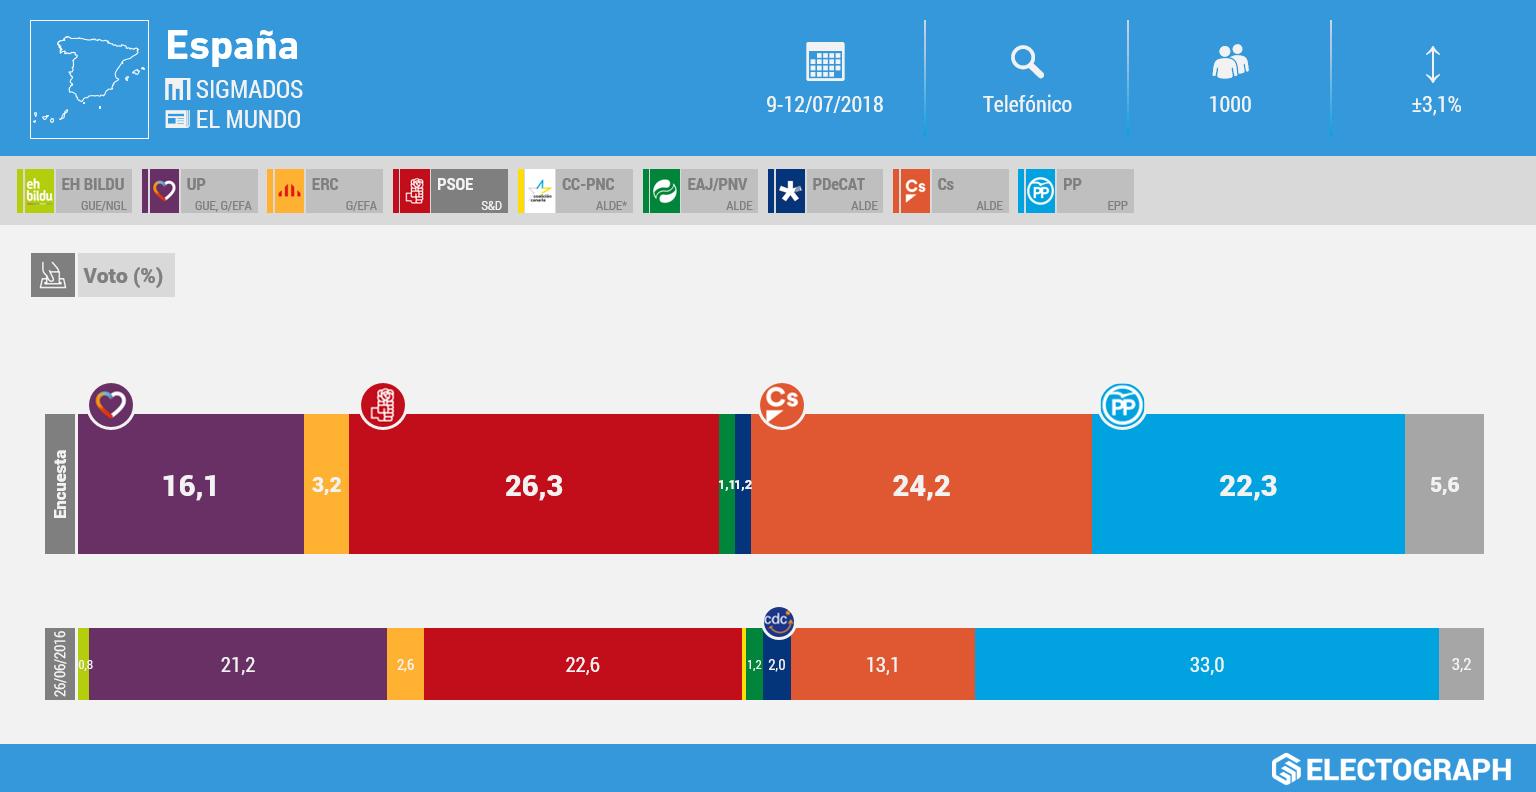 Gráfico de la encuesta para elecciones generales en España realizada por SigmaDos para El Mundo en julio de 2018